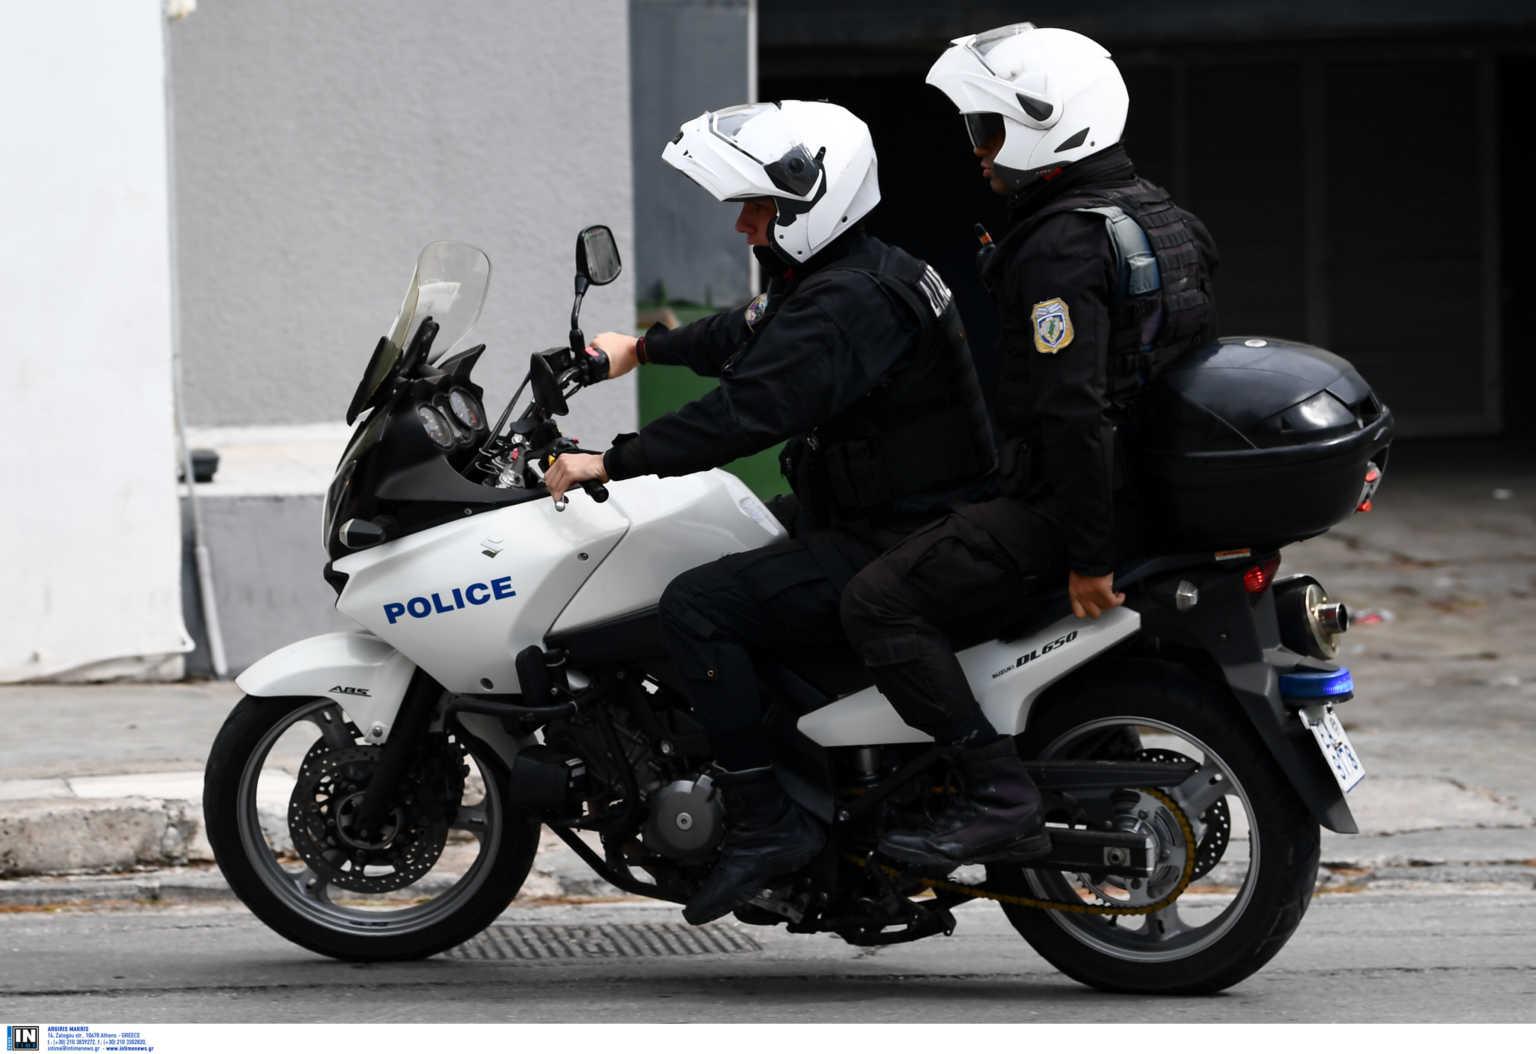 Θρίλερ με την σύλληψη τριών Τούρκων στο κέντρο της Αθήνας με πλαστές ταυτότητες